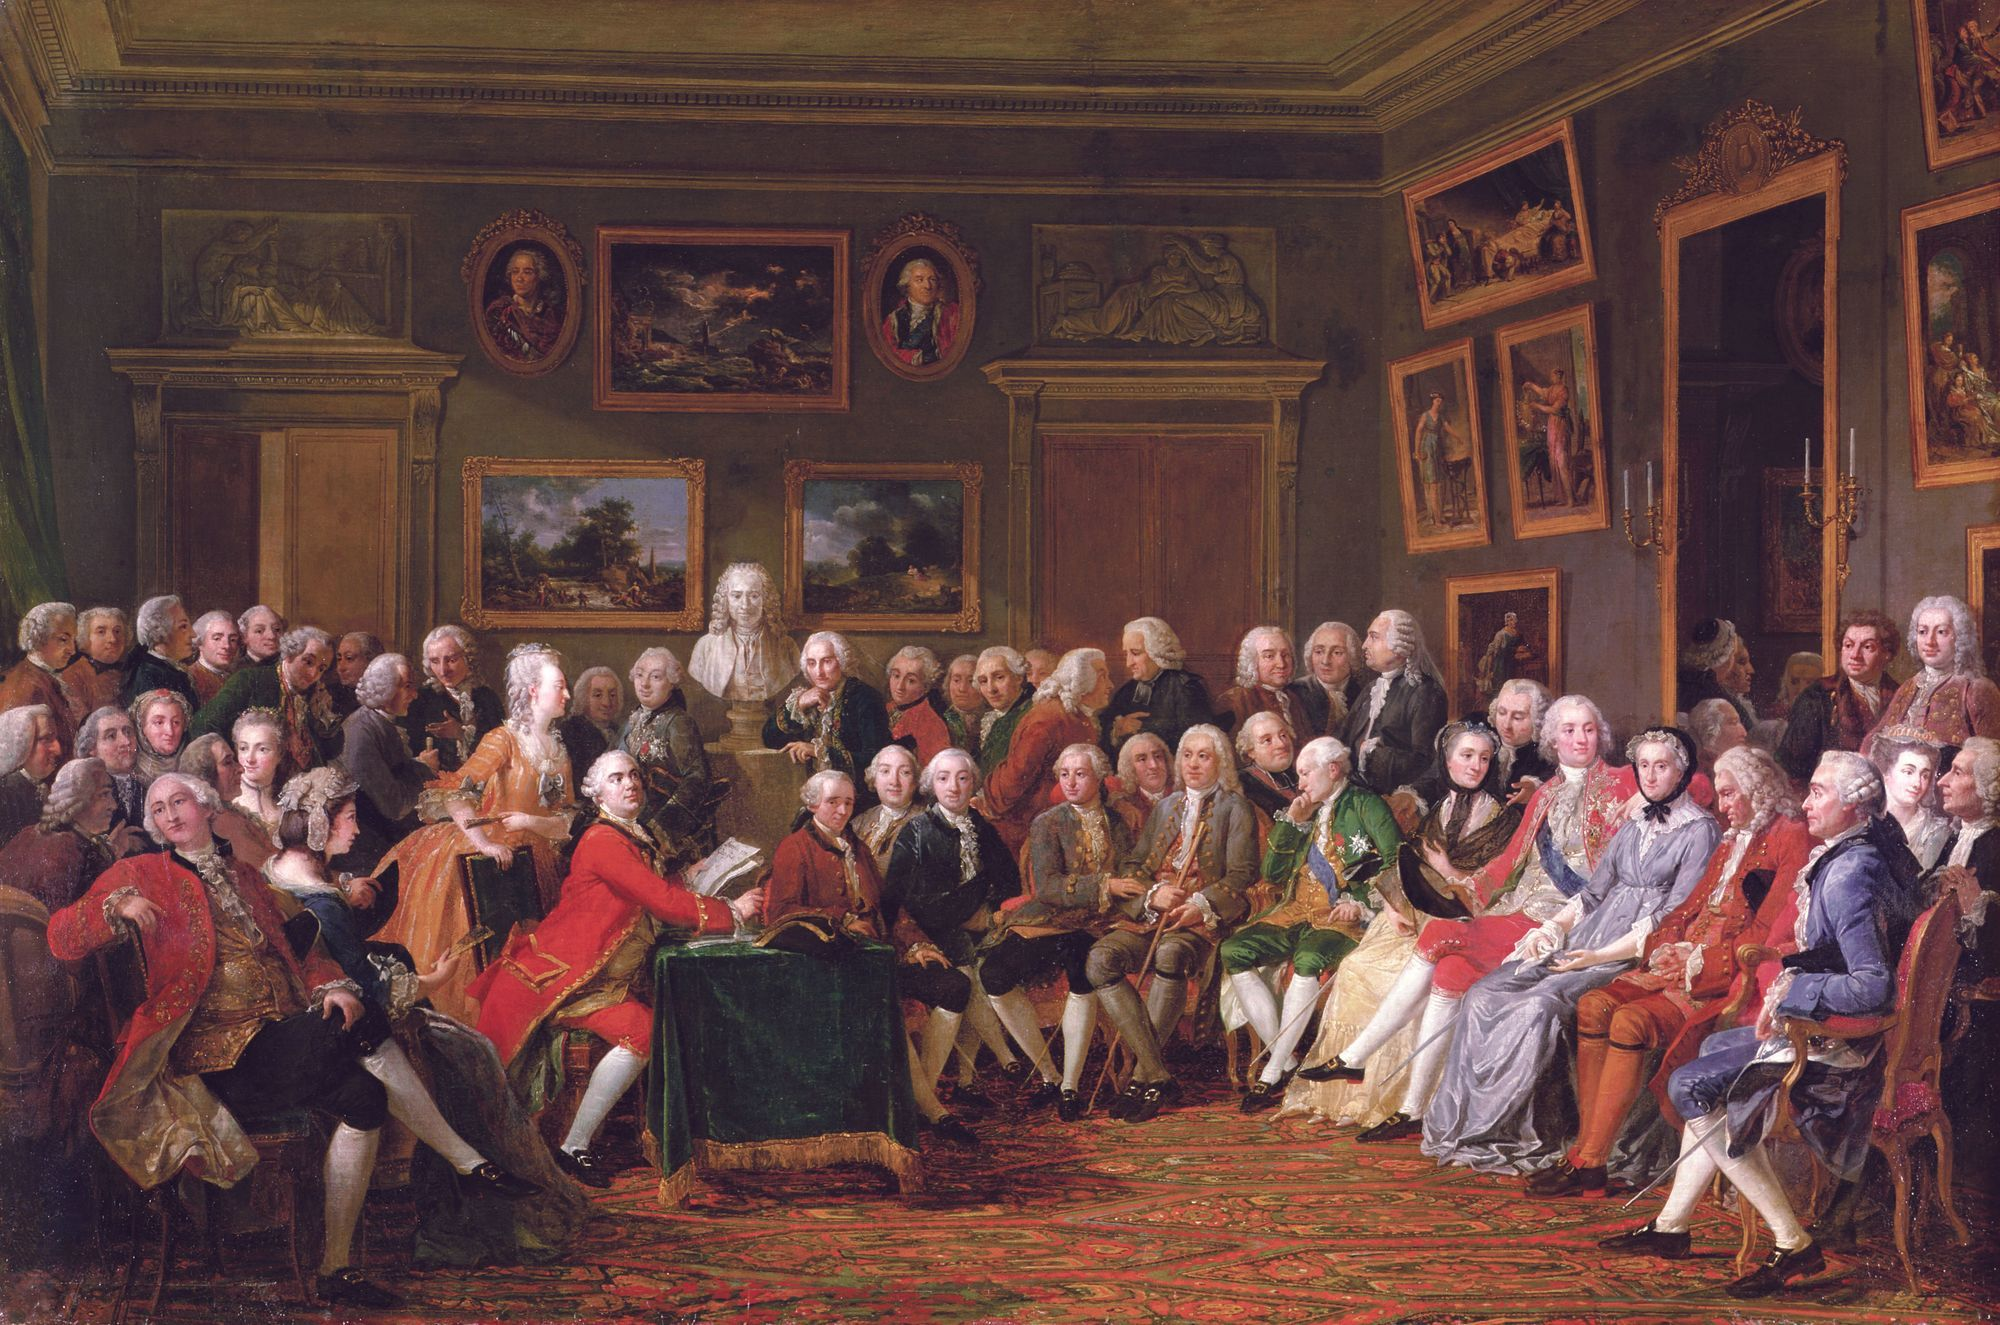 Une représentation du salon de Mme Geoffrin